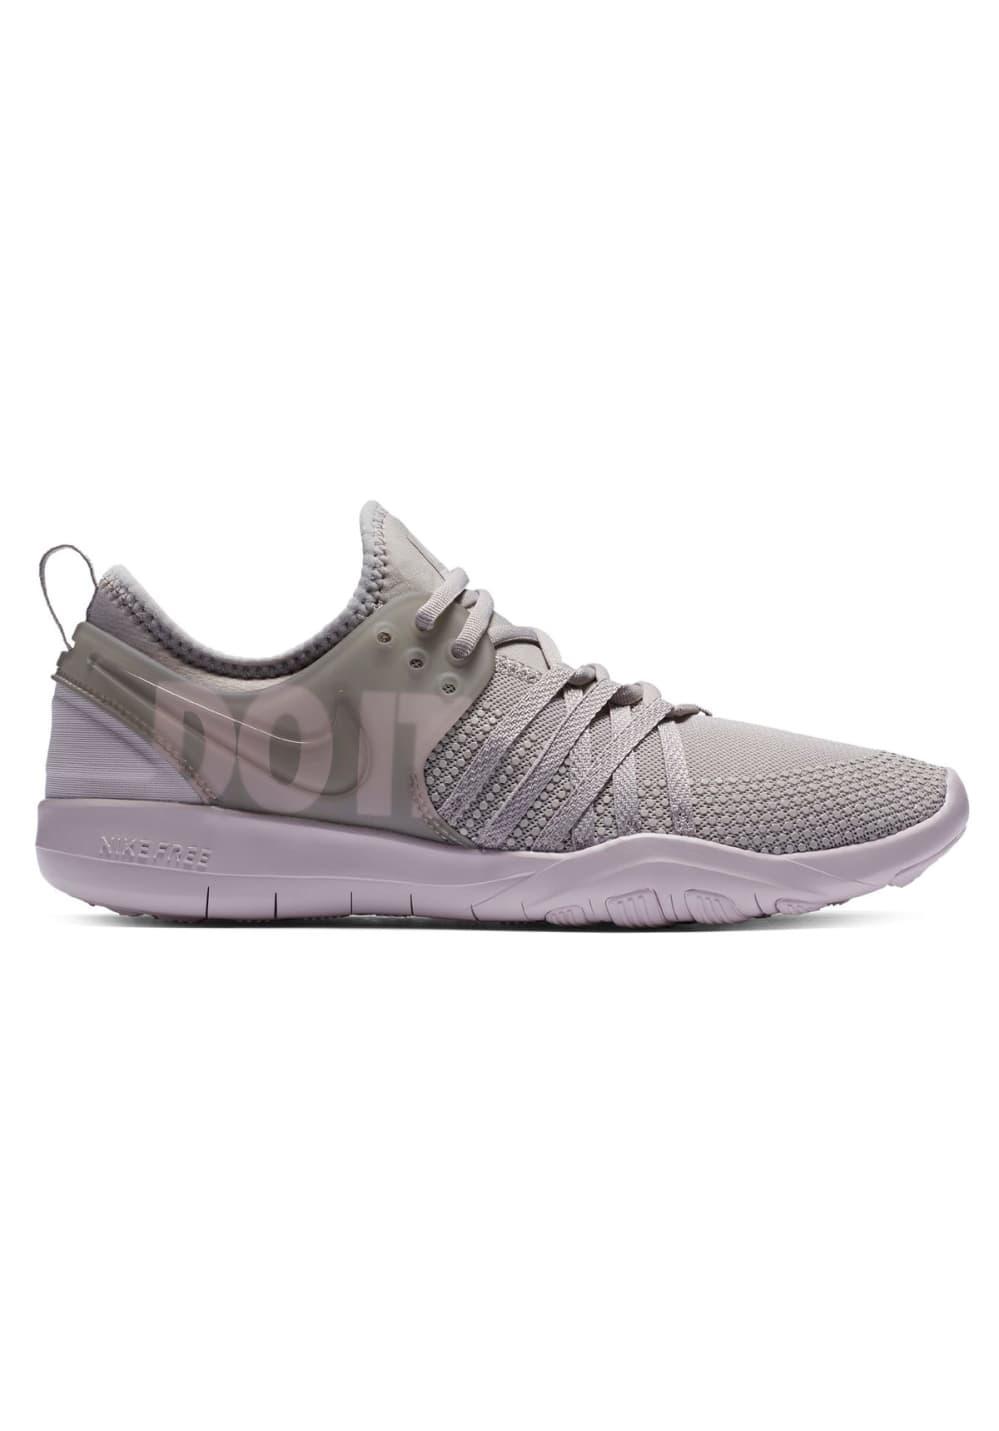 Nike Free Trainer 7 Premium - Fitnessschuhe für Damen - Grau